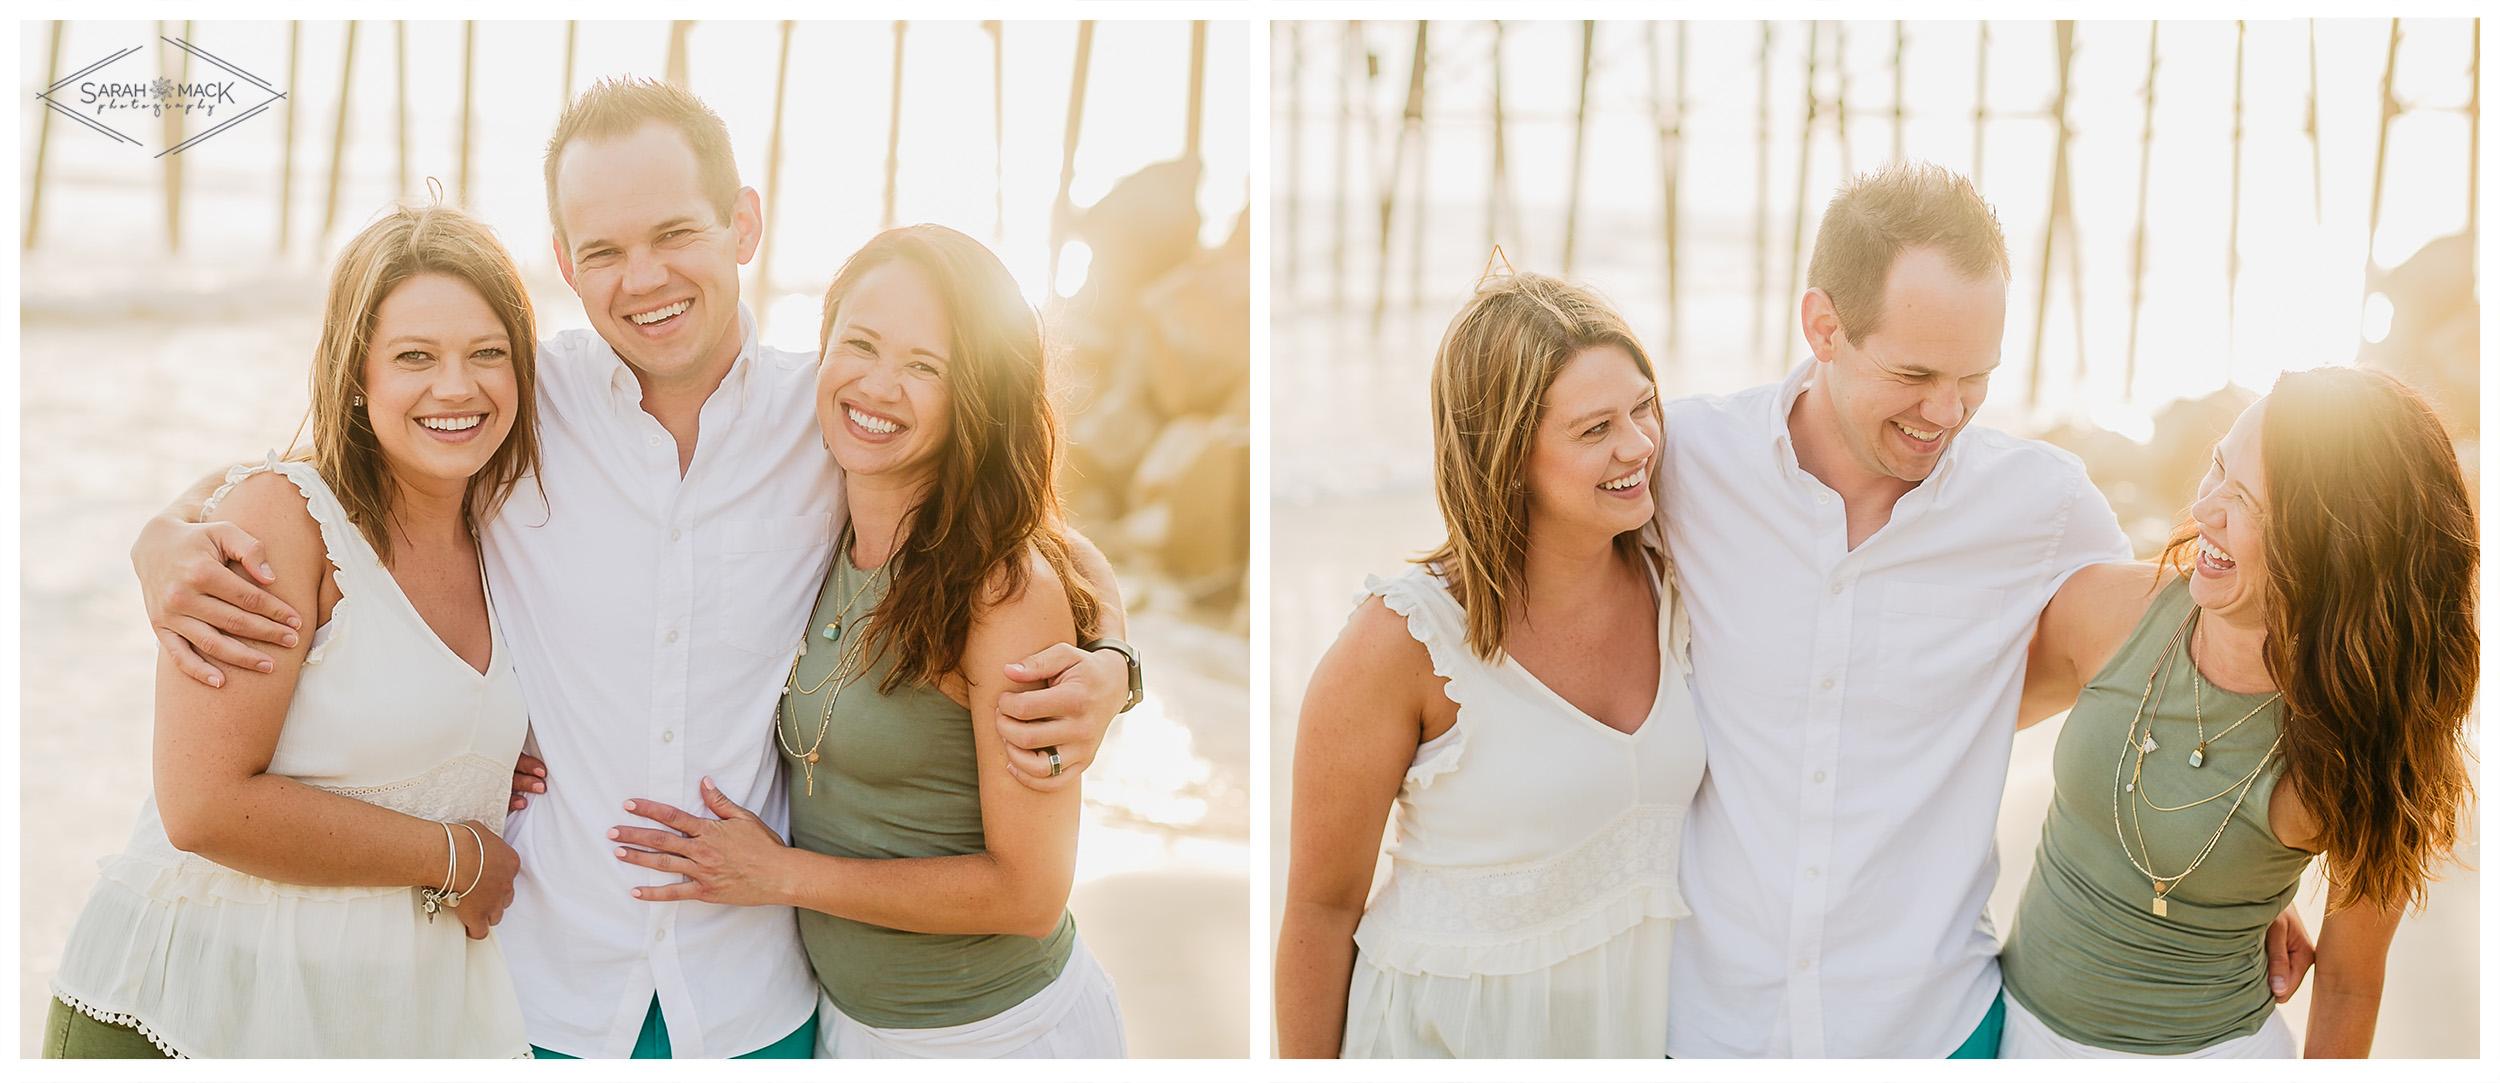 BP-Orange-County-Family-Photography-Oceanside-Pier-9.jpg